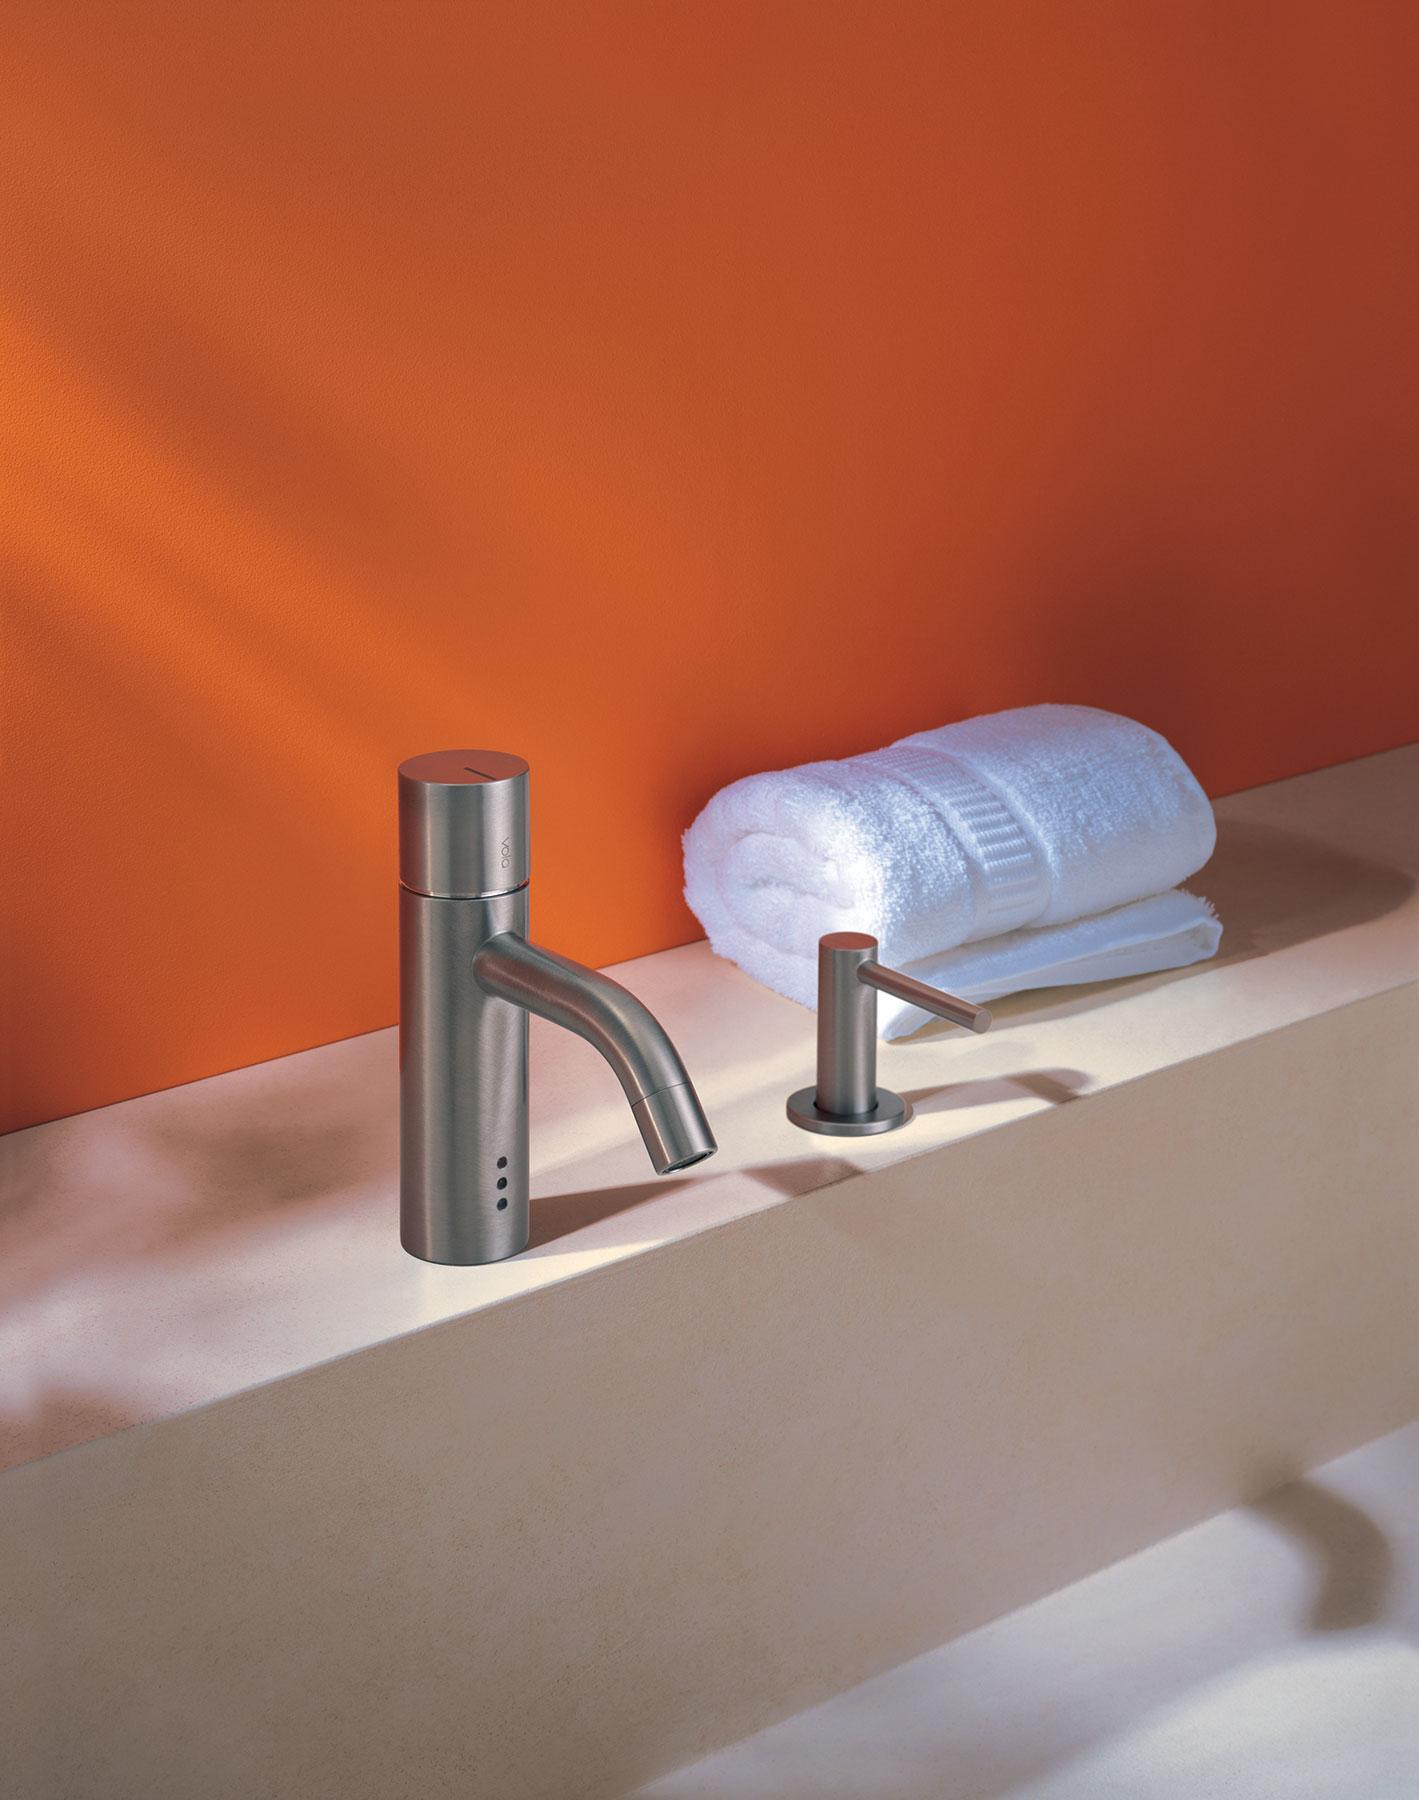 Transitional Vola Deck Mount Faucet Set